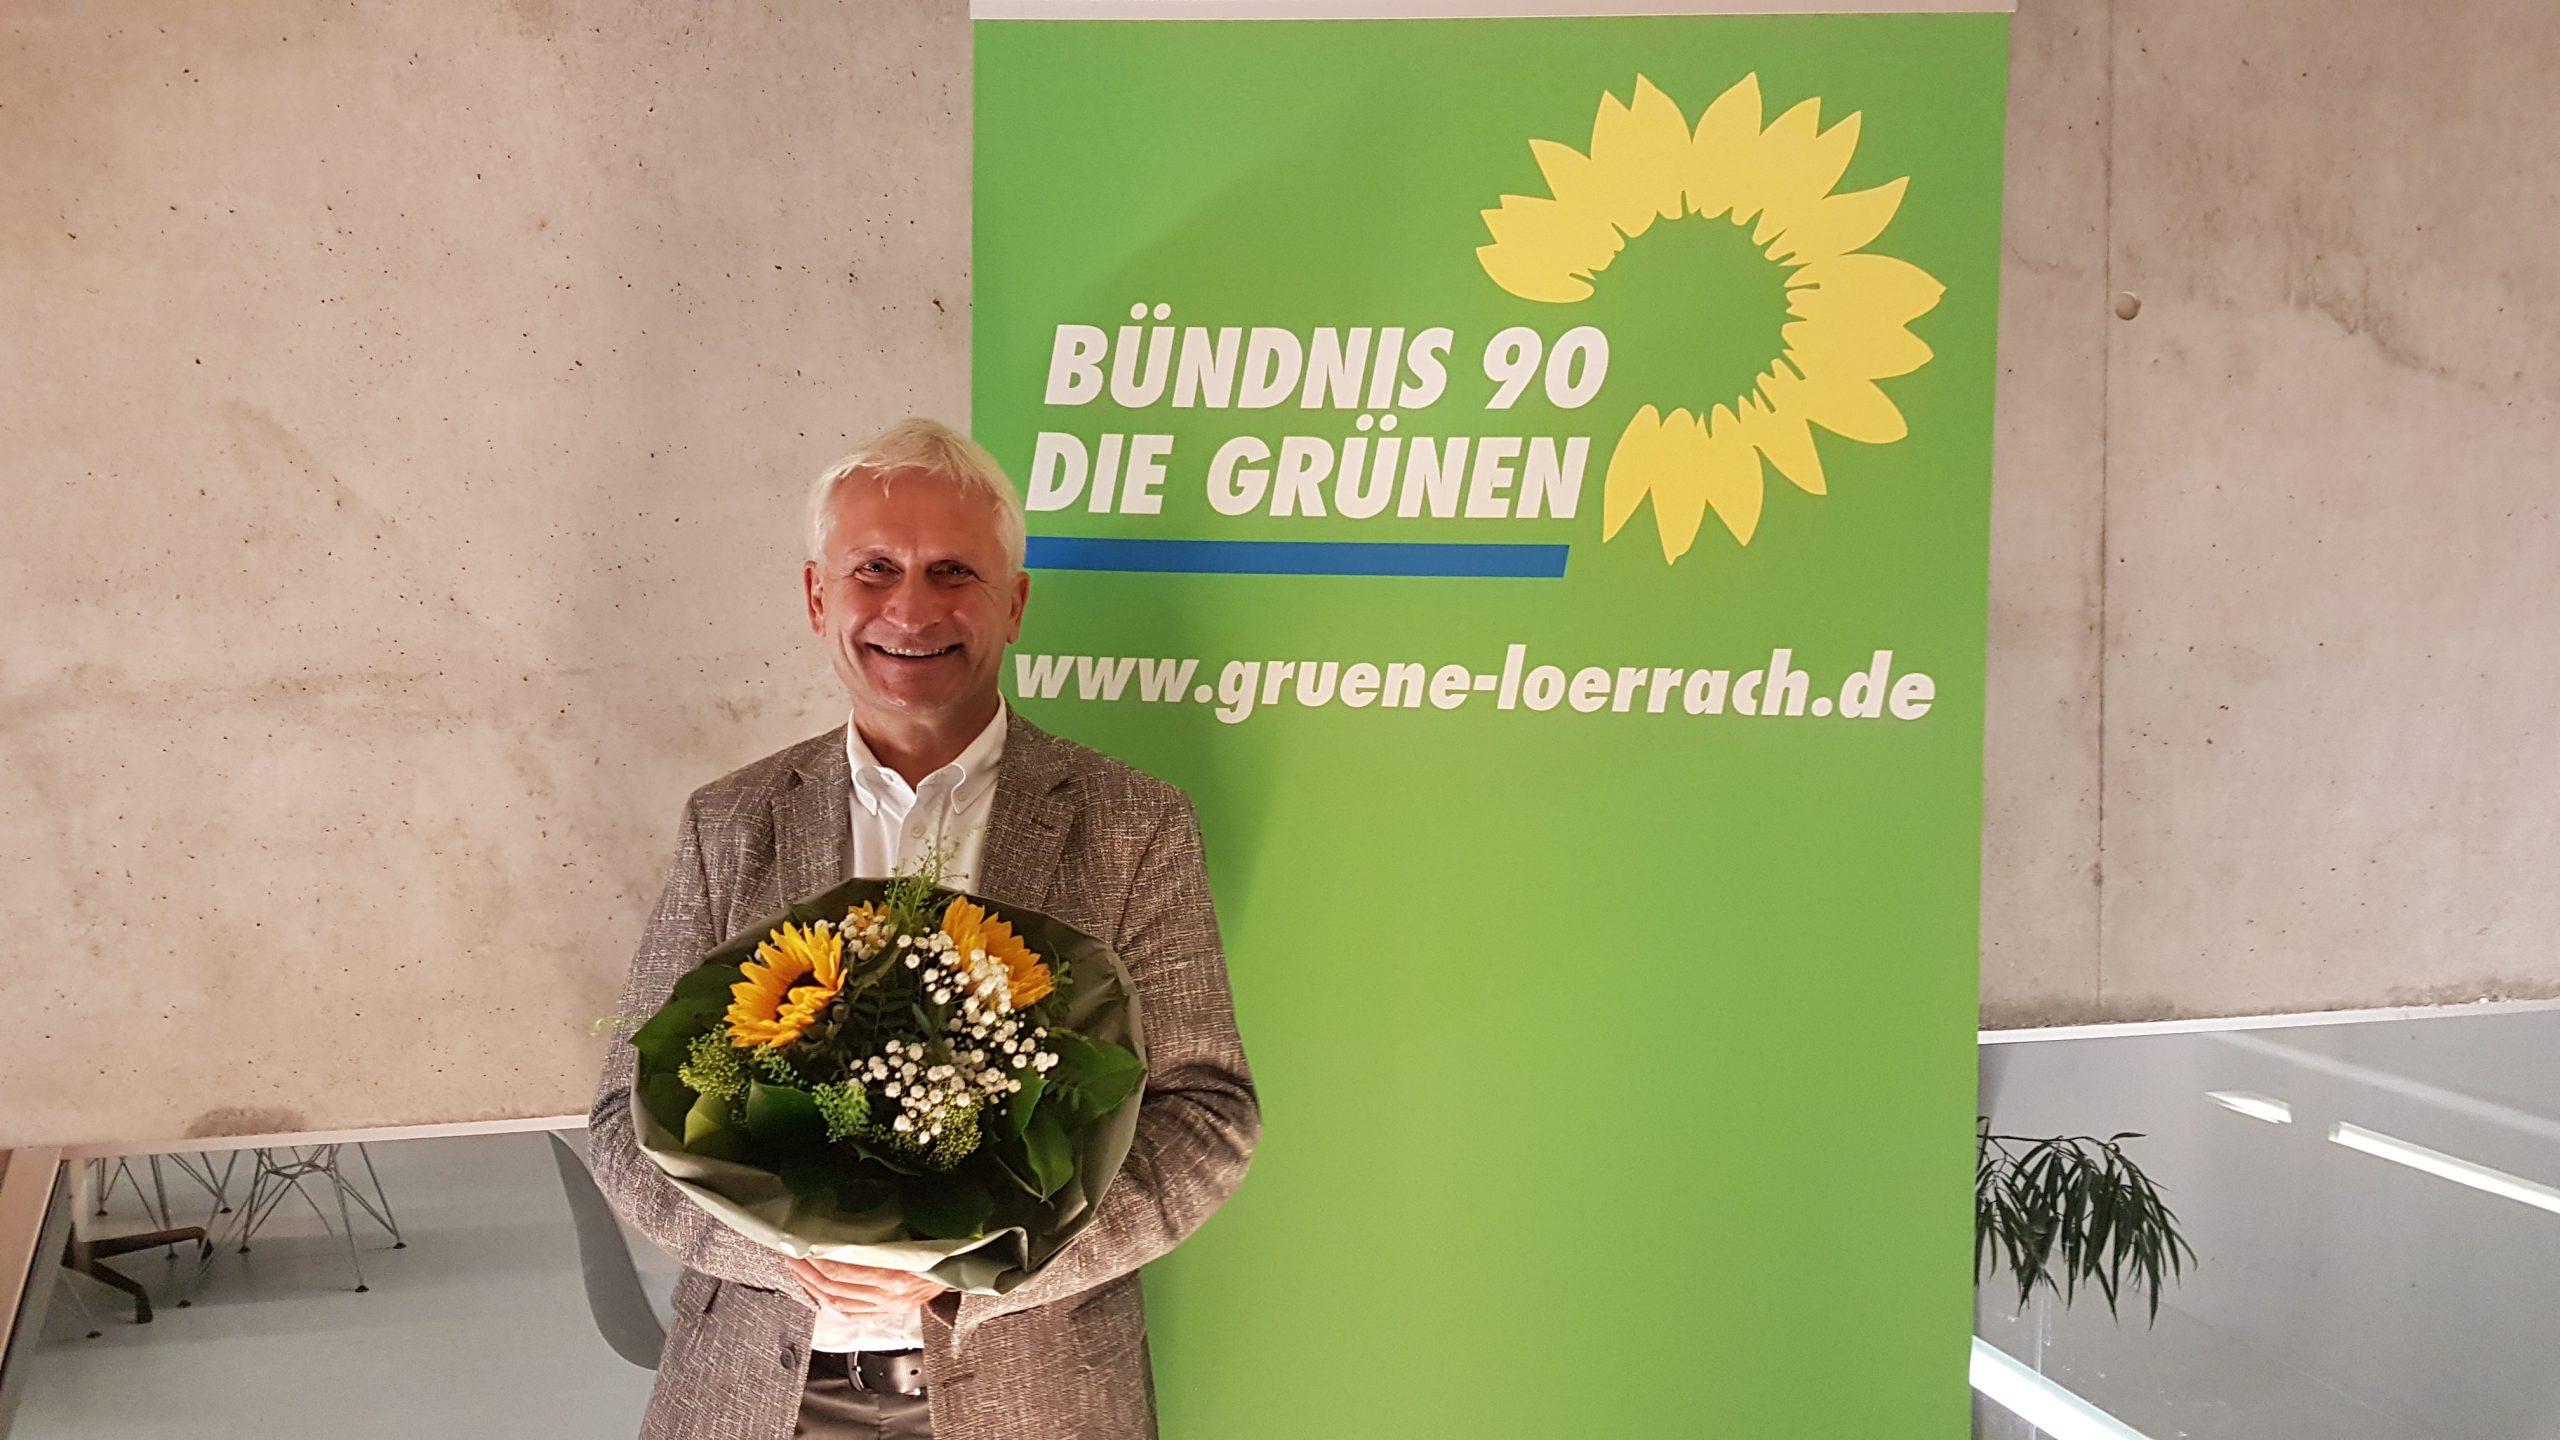 Bundestagskandidatur – Gerhard Zickenheiner mit großer Mehrheit wieder nominiert